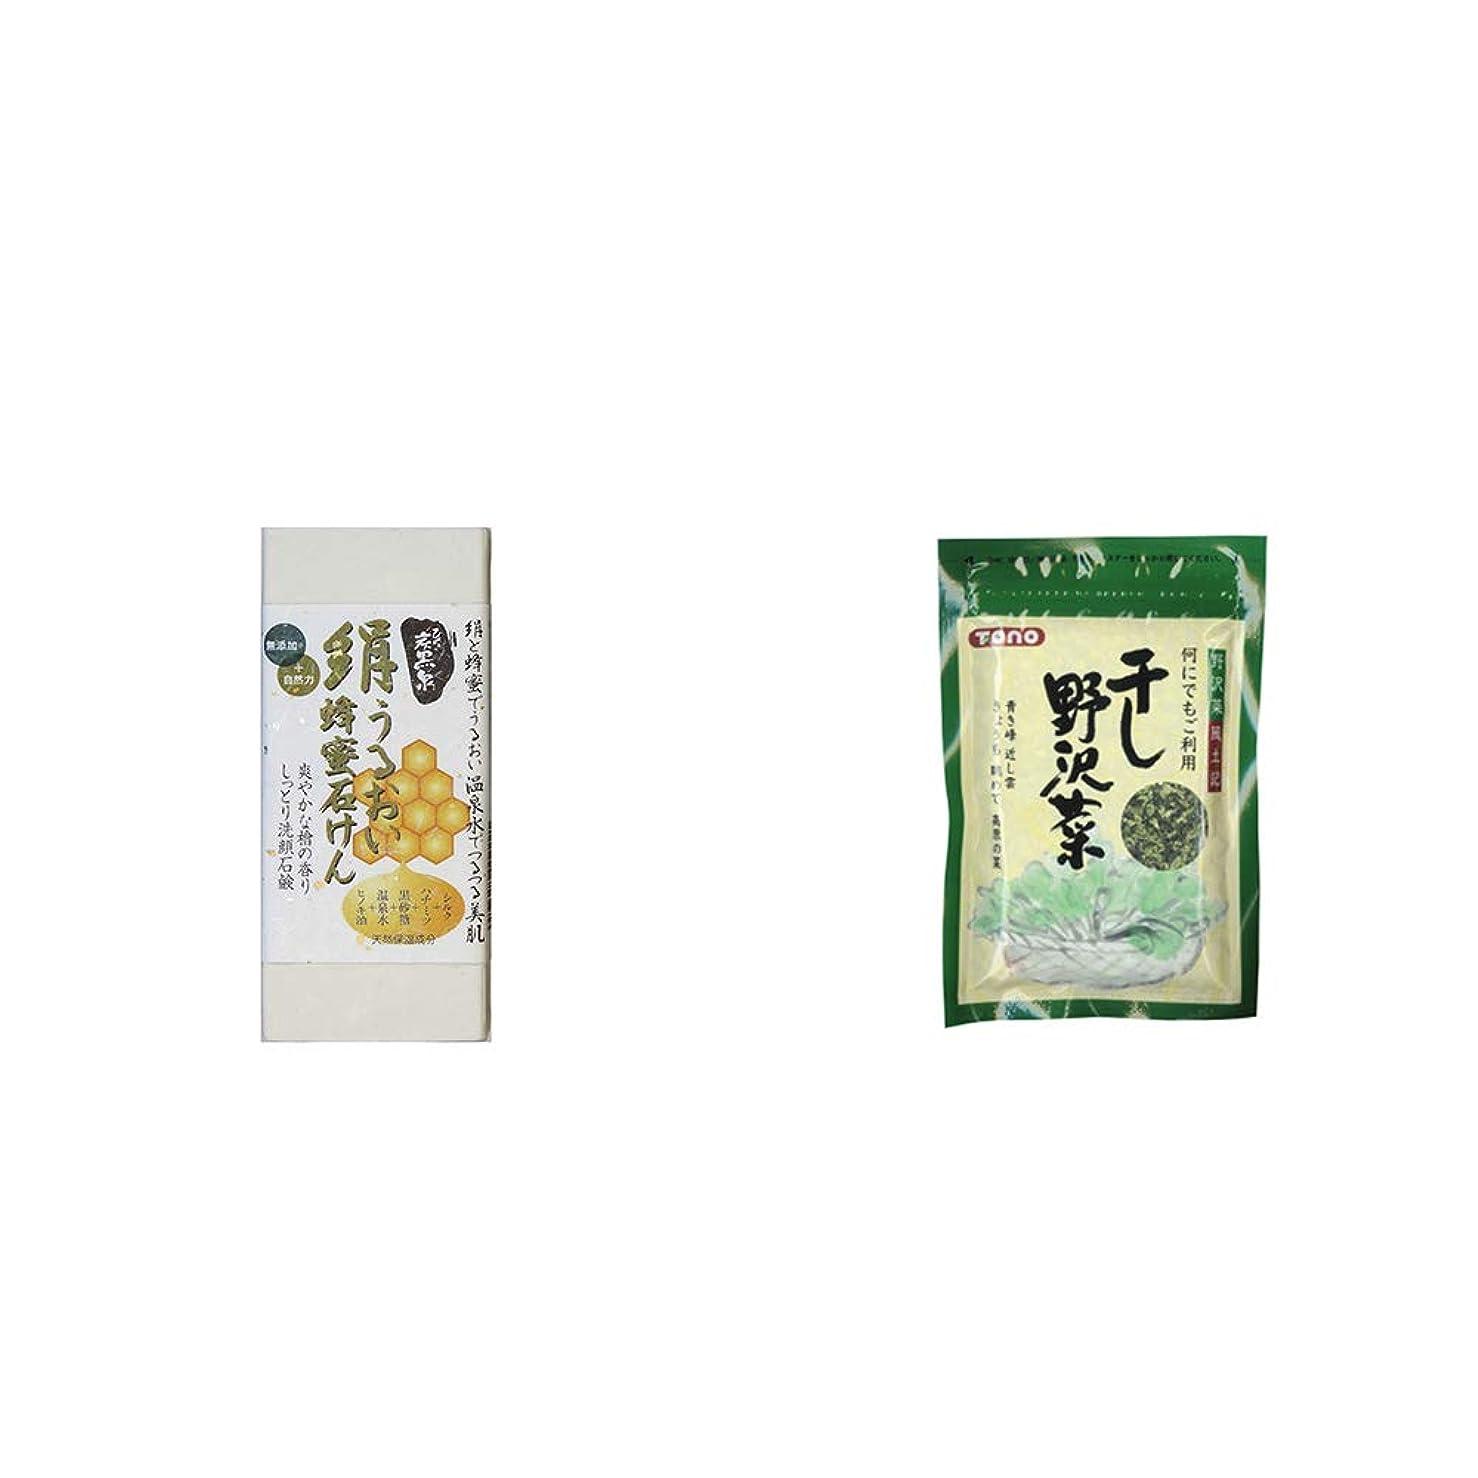 ぬるいクリエイティブ熱狂的な[2点セット] ひのき炭黒泉 絹うるおい蜂蜜石けん(75g×2)?干し野沢菜(100g)